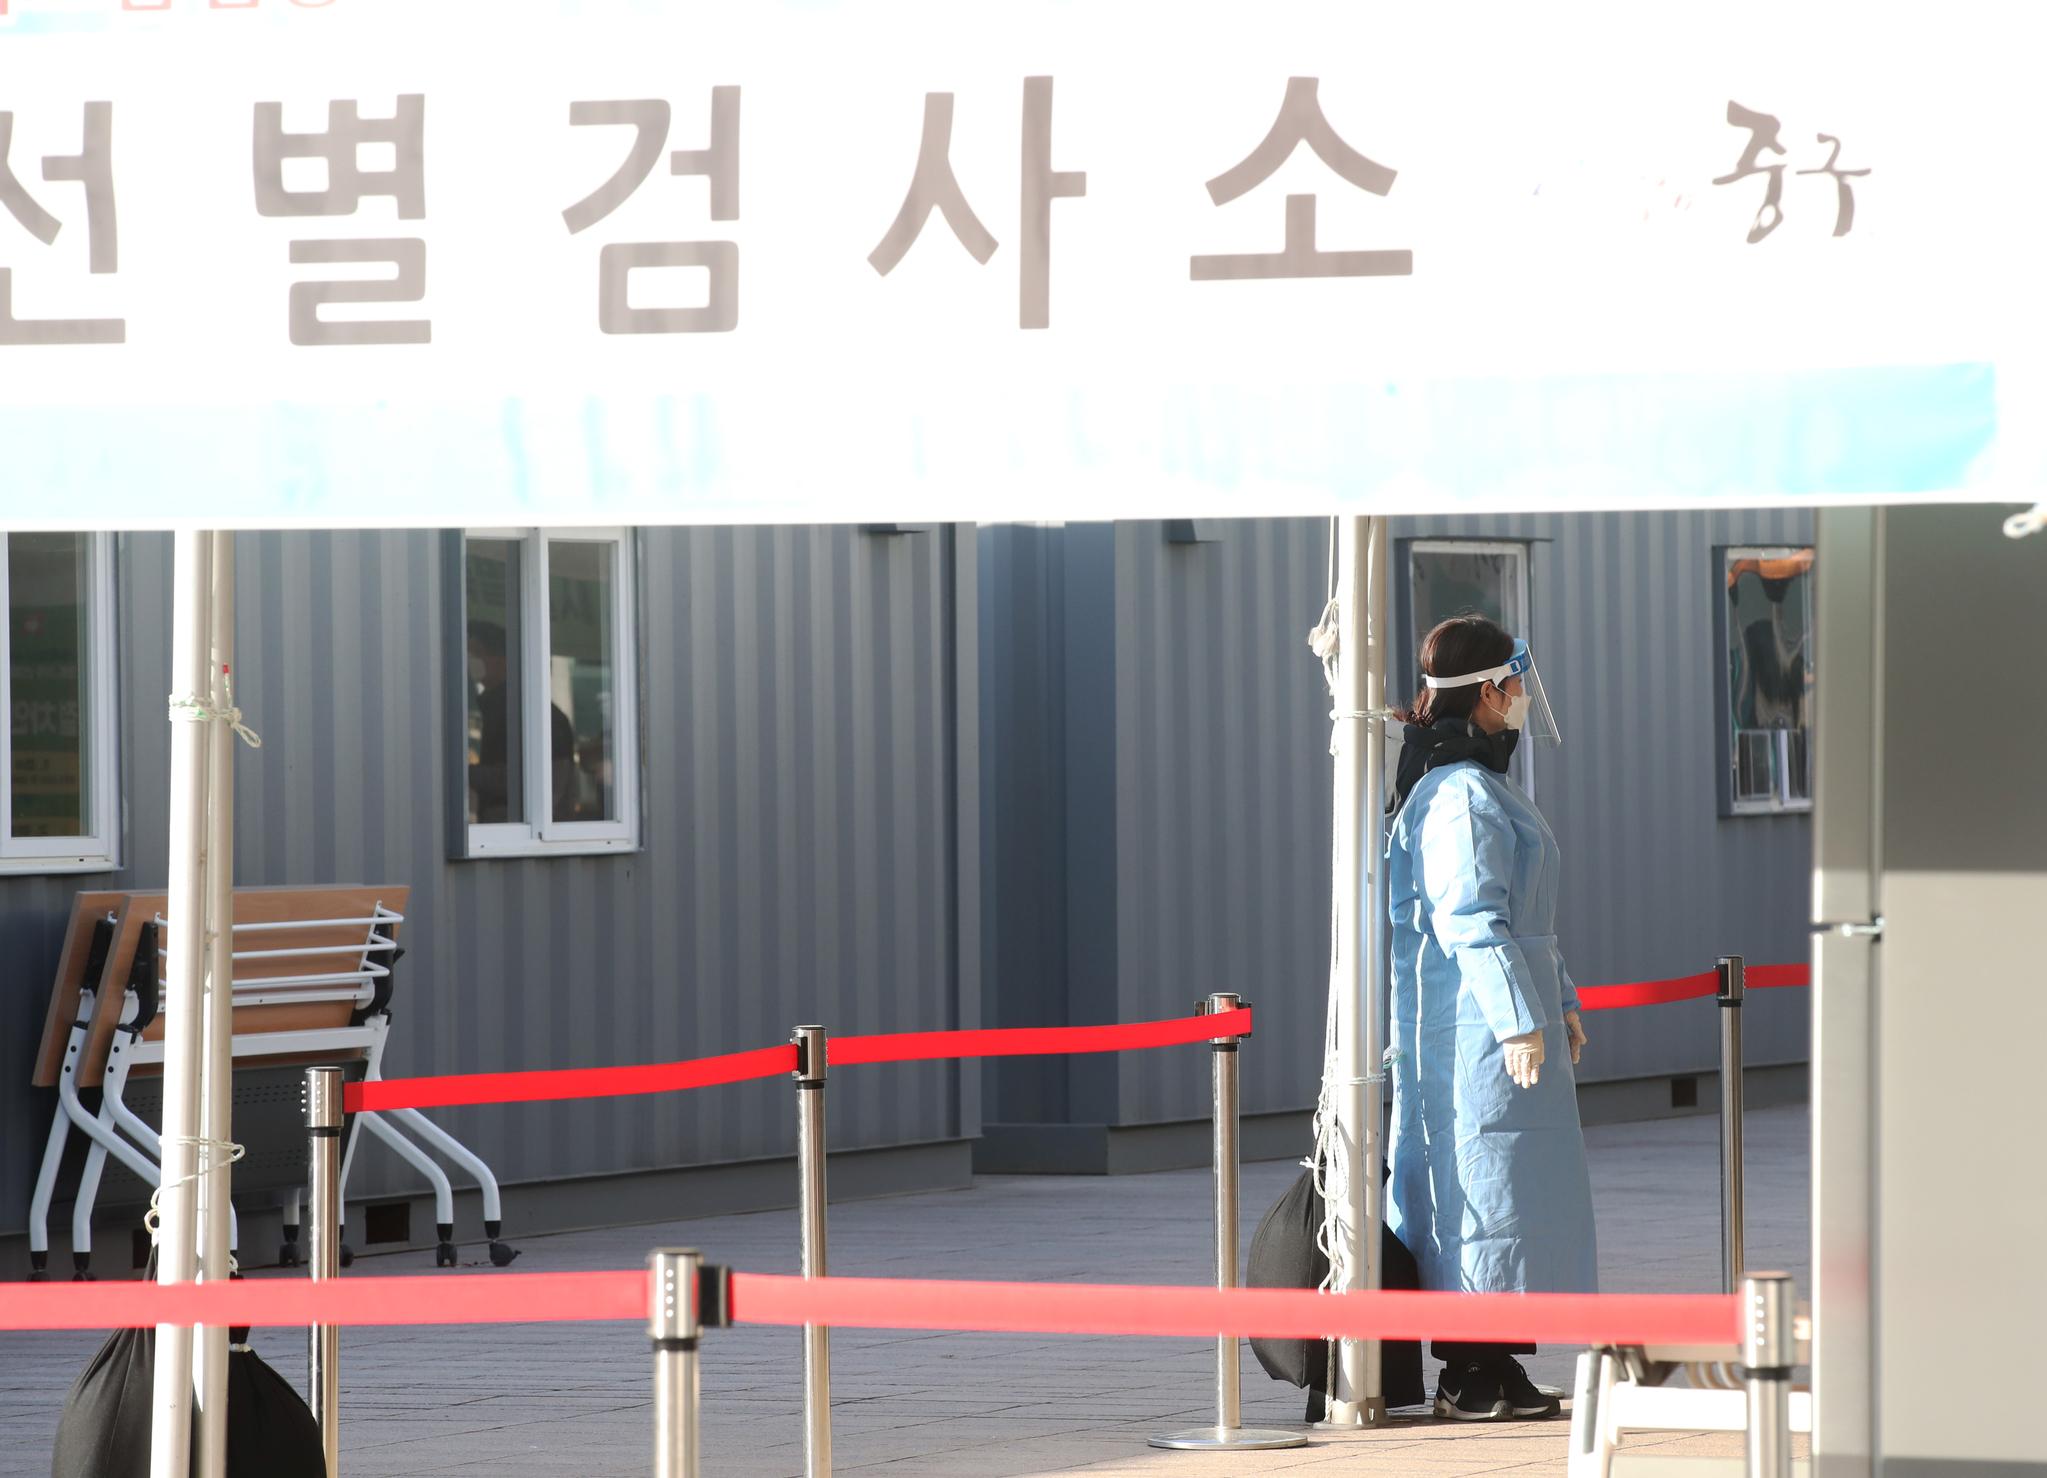 코로나19 확진자가 국내에서 처음 발생한 지 1년째가 되는 20일 서울광장에 마련된 선별 진료소에서 의료진이 기둥에 기대 휴식을 취하고 있다. 우상조 기자